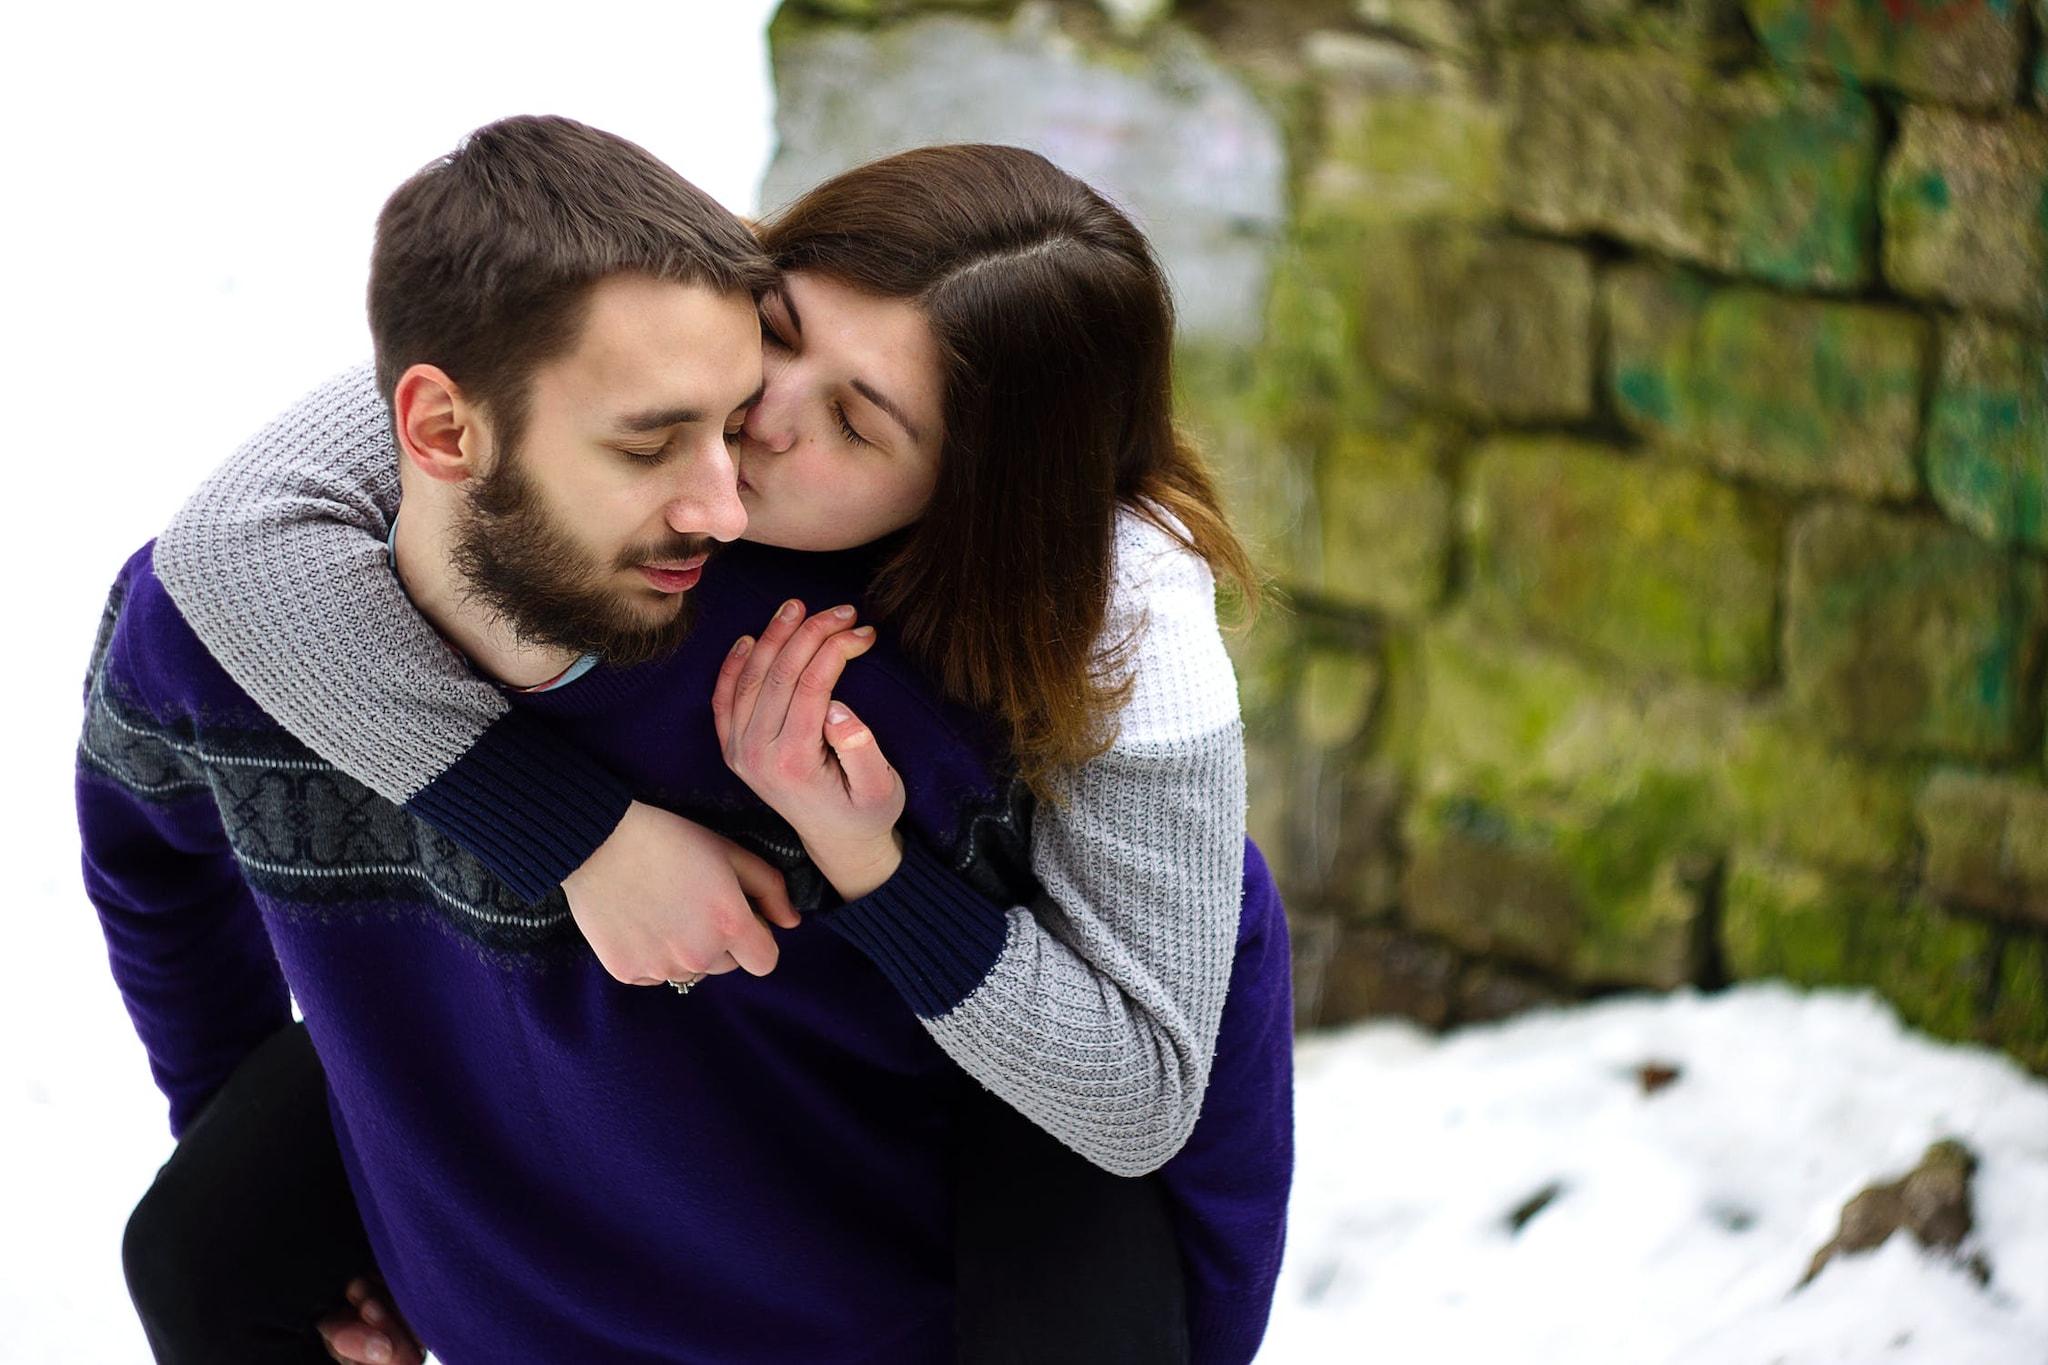 गालावर किस करणं- या किसमधून तुमच्यासाठीची प्रेमाची भावना दिसून येते. हे सहकार्य आणि परिपूर्णता दर्शवते. याशिवाय आकर्षणाचं प्रतीक म्हणूनही गालावर किस केलं जातं.